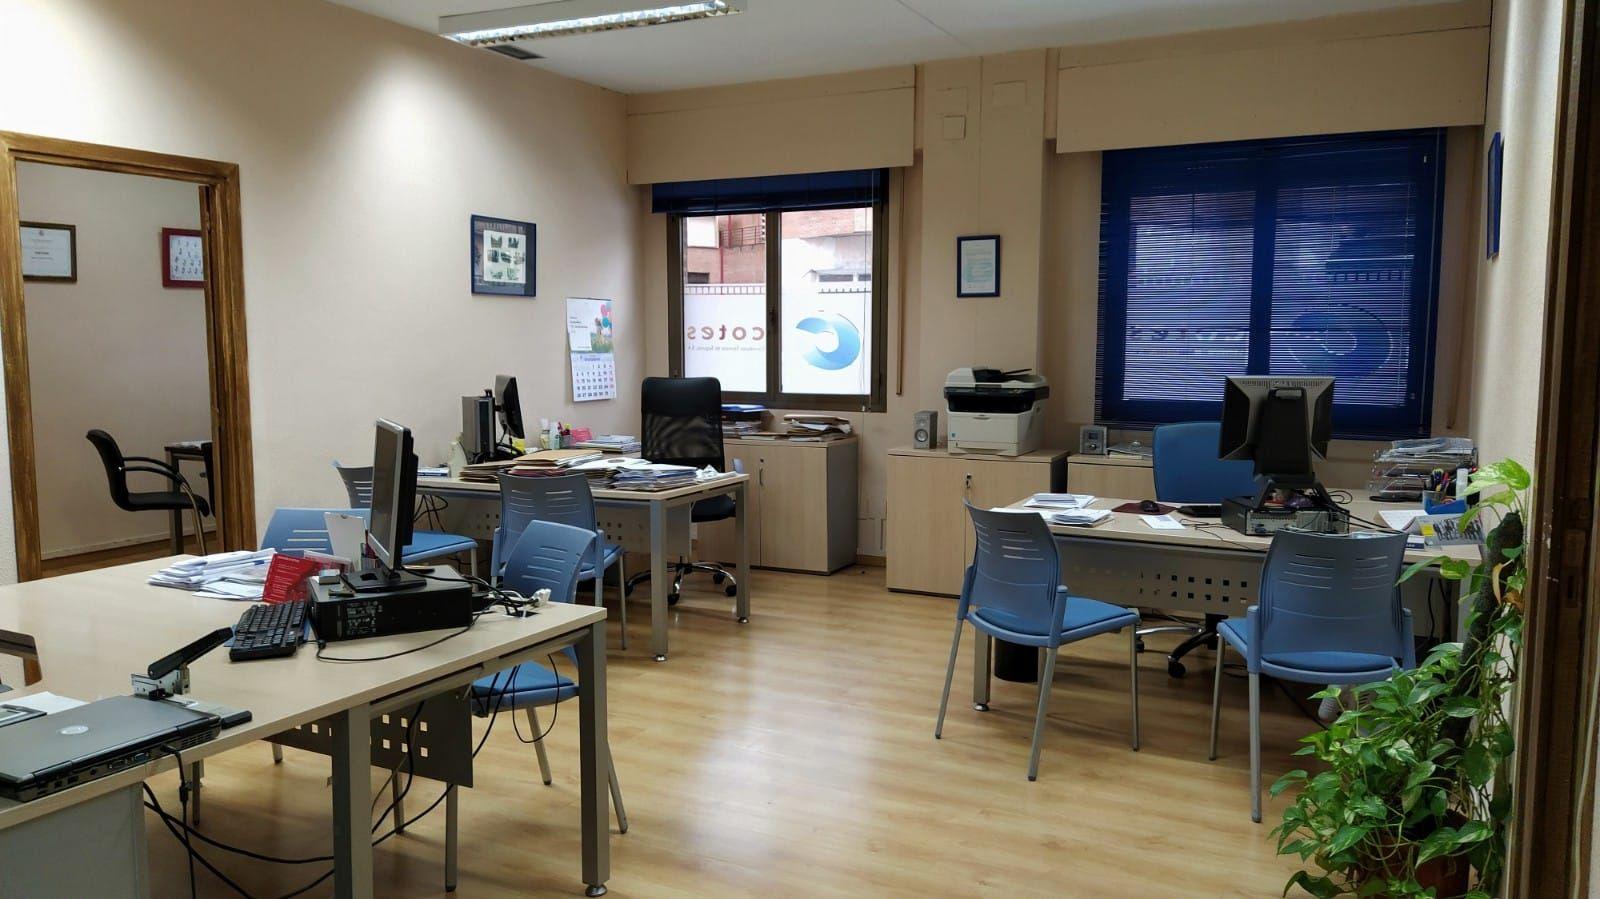 Oficina en Cáceres, CENTRO, alquiler